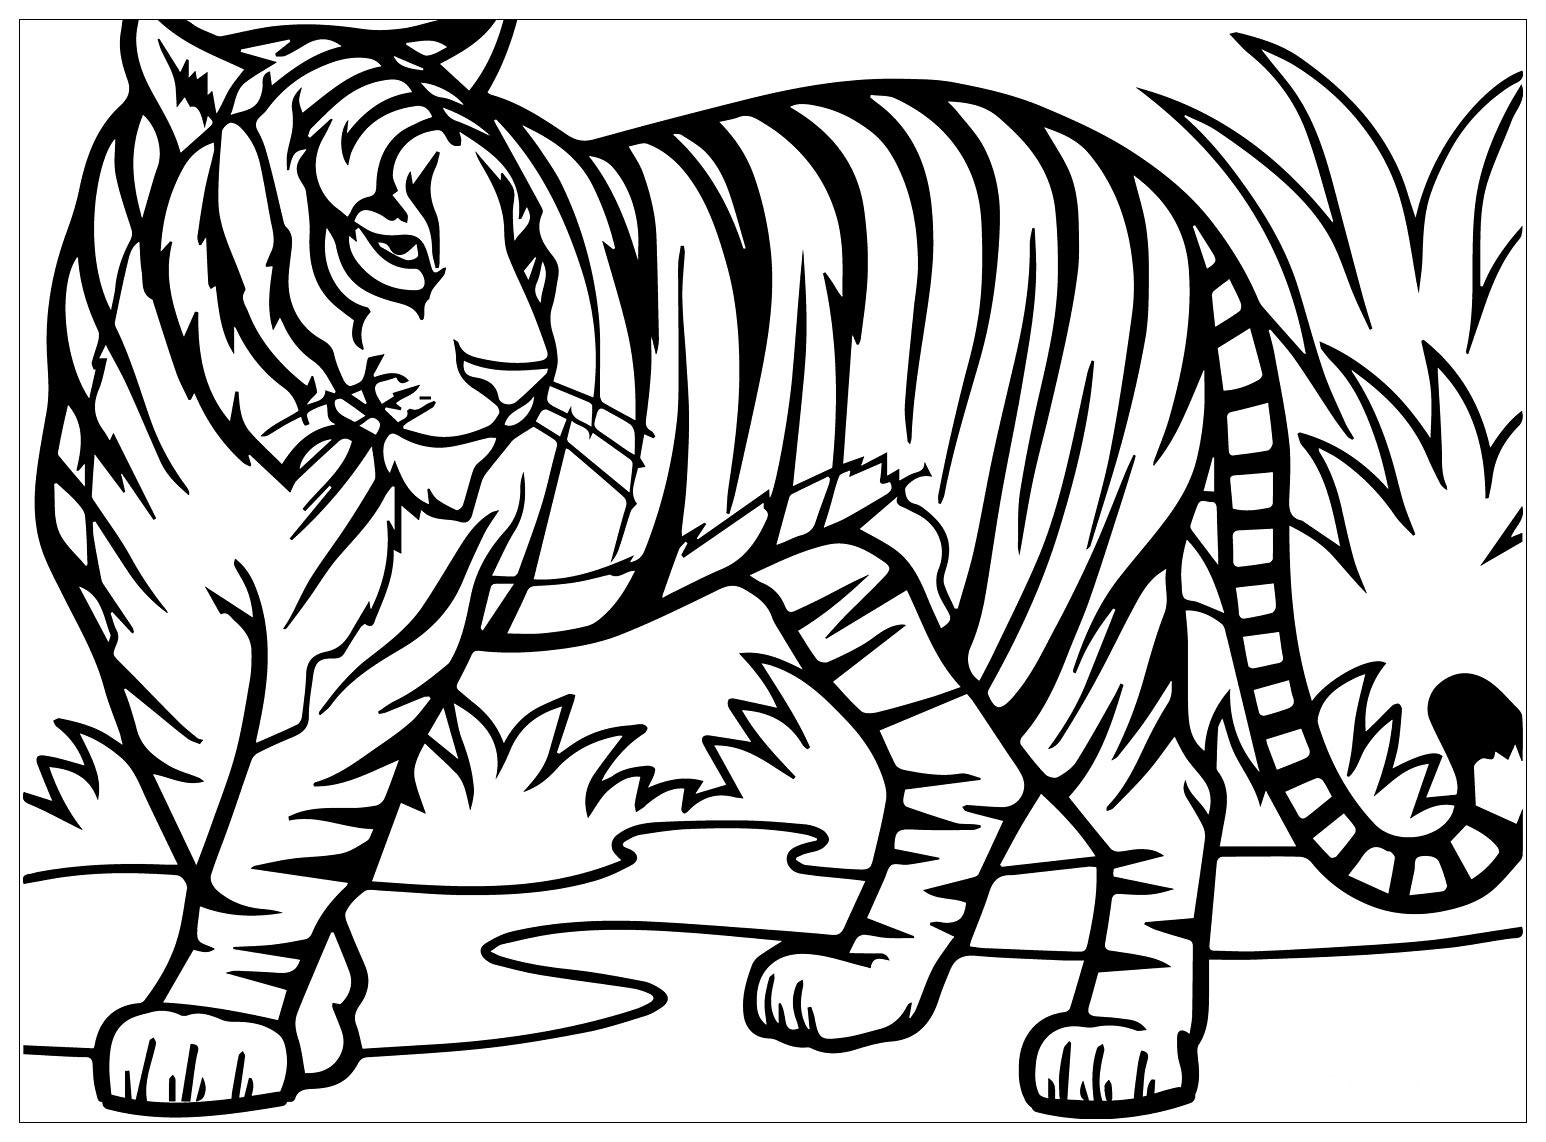 Joli coloriage de tigre simple pour enfants